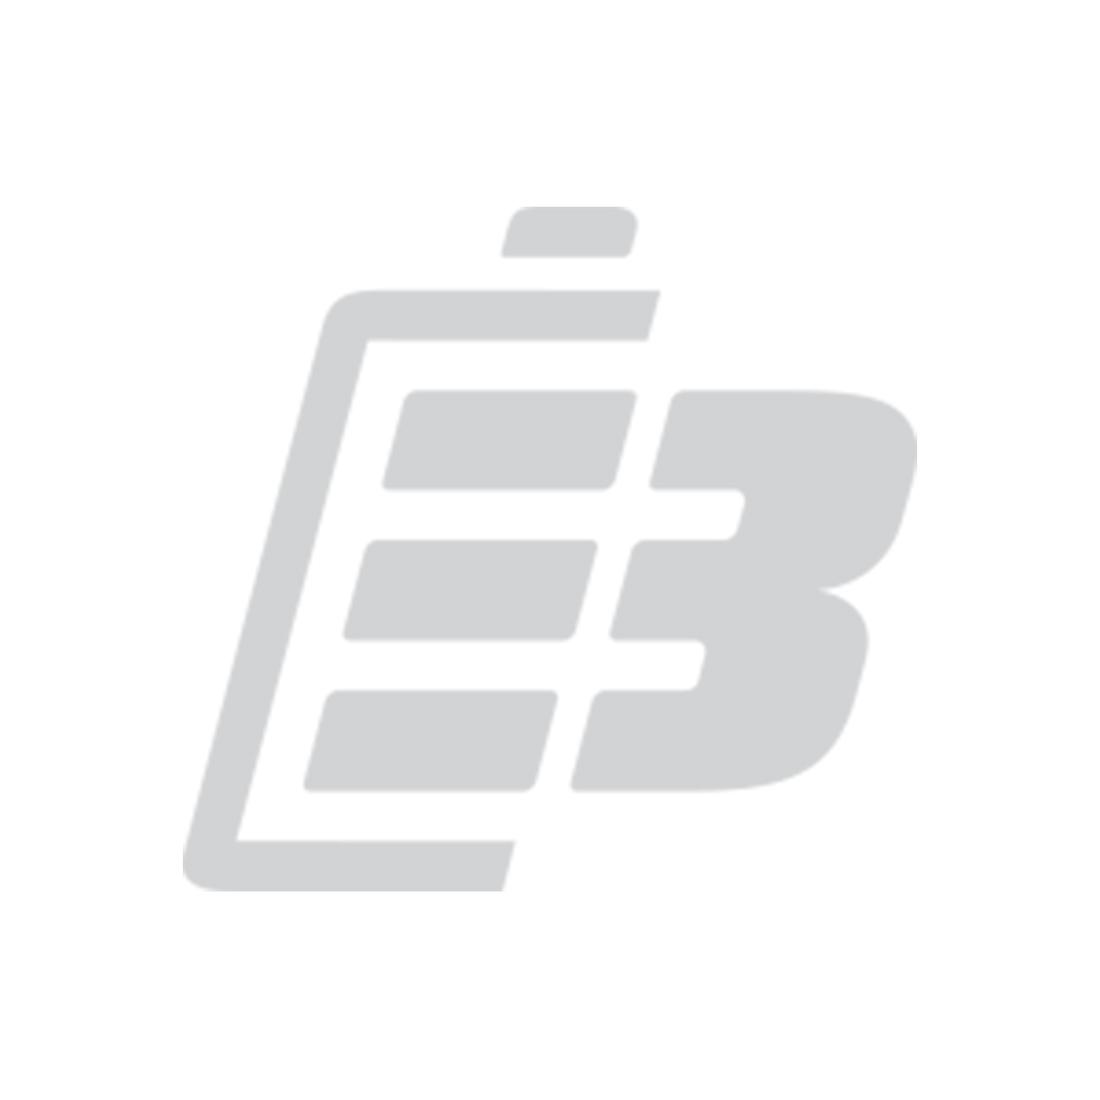 Fenix PD40R V2 LED Flashlight